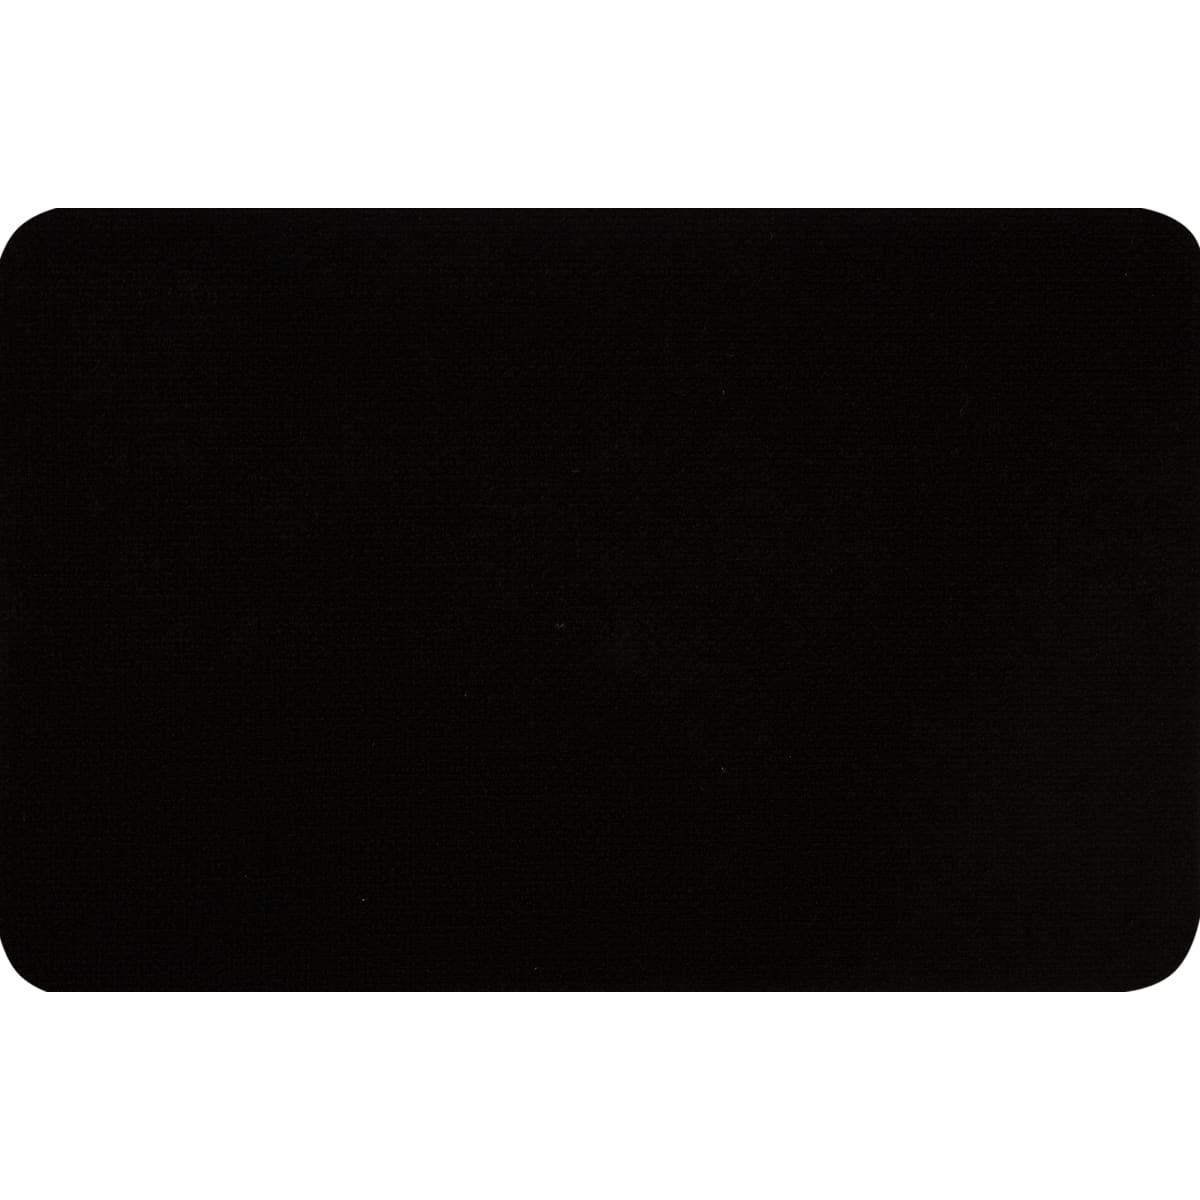 Коврик Флорт «Экспо», 40x60 см, полипропилен, цвет чёрный